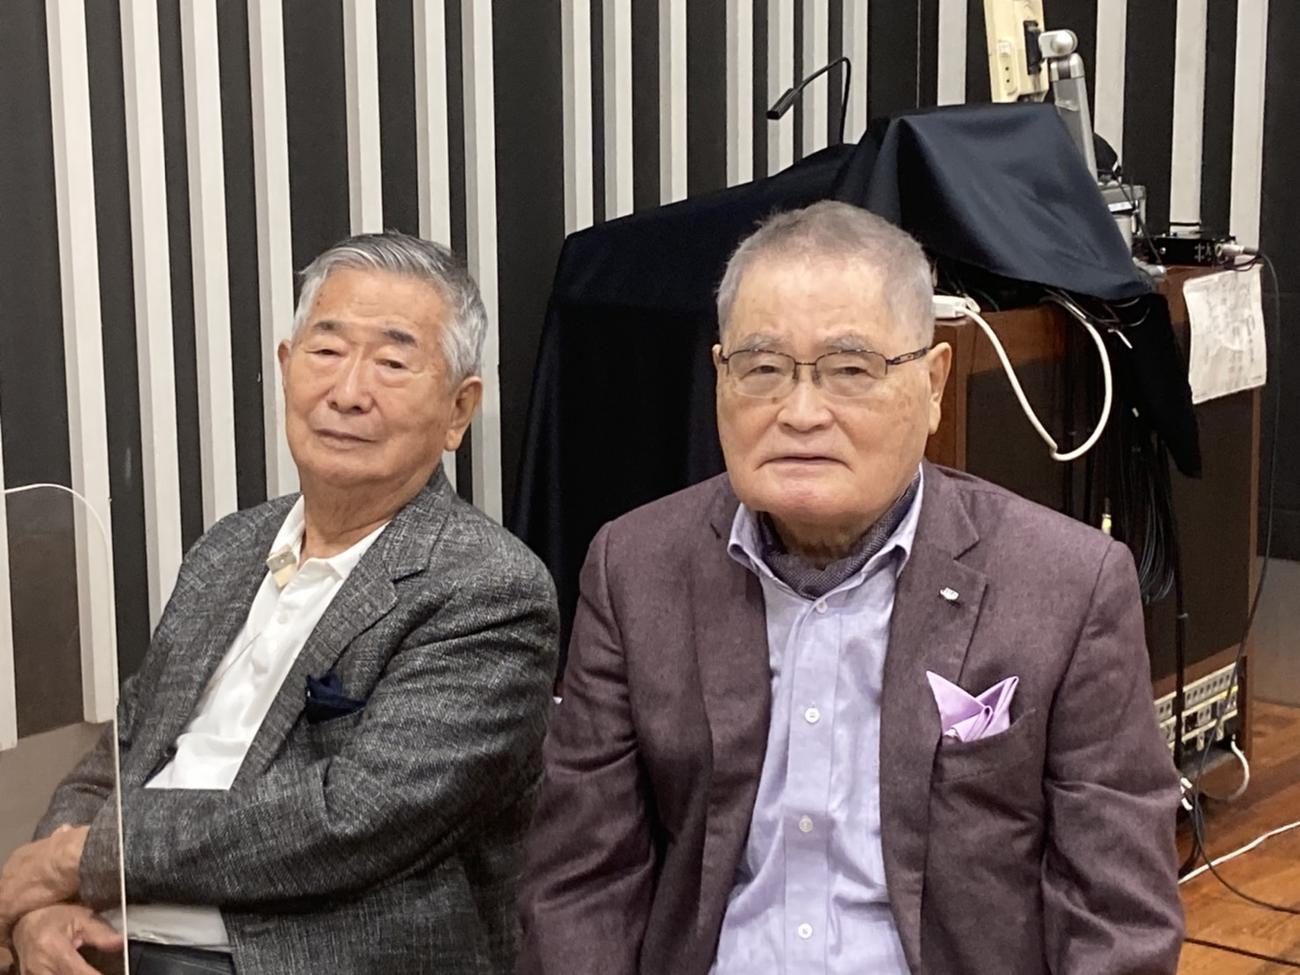 新春放談の収録に参加した石原慎太郎氏(左)と亀井静香氏(ニッポン放送提供)